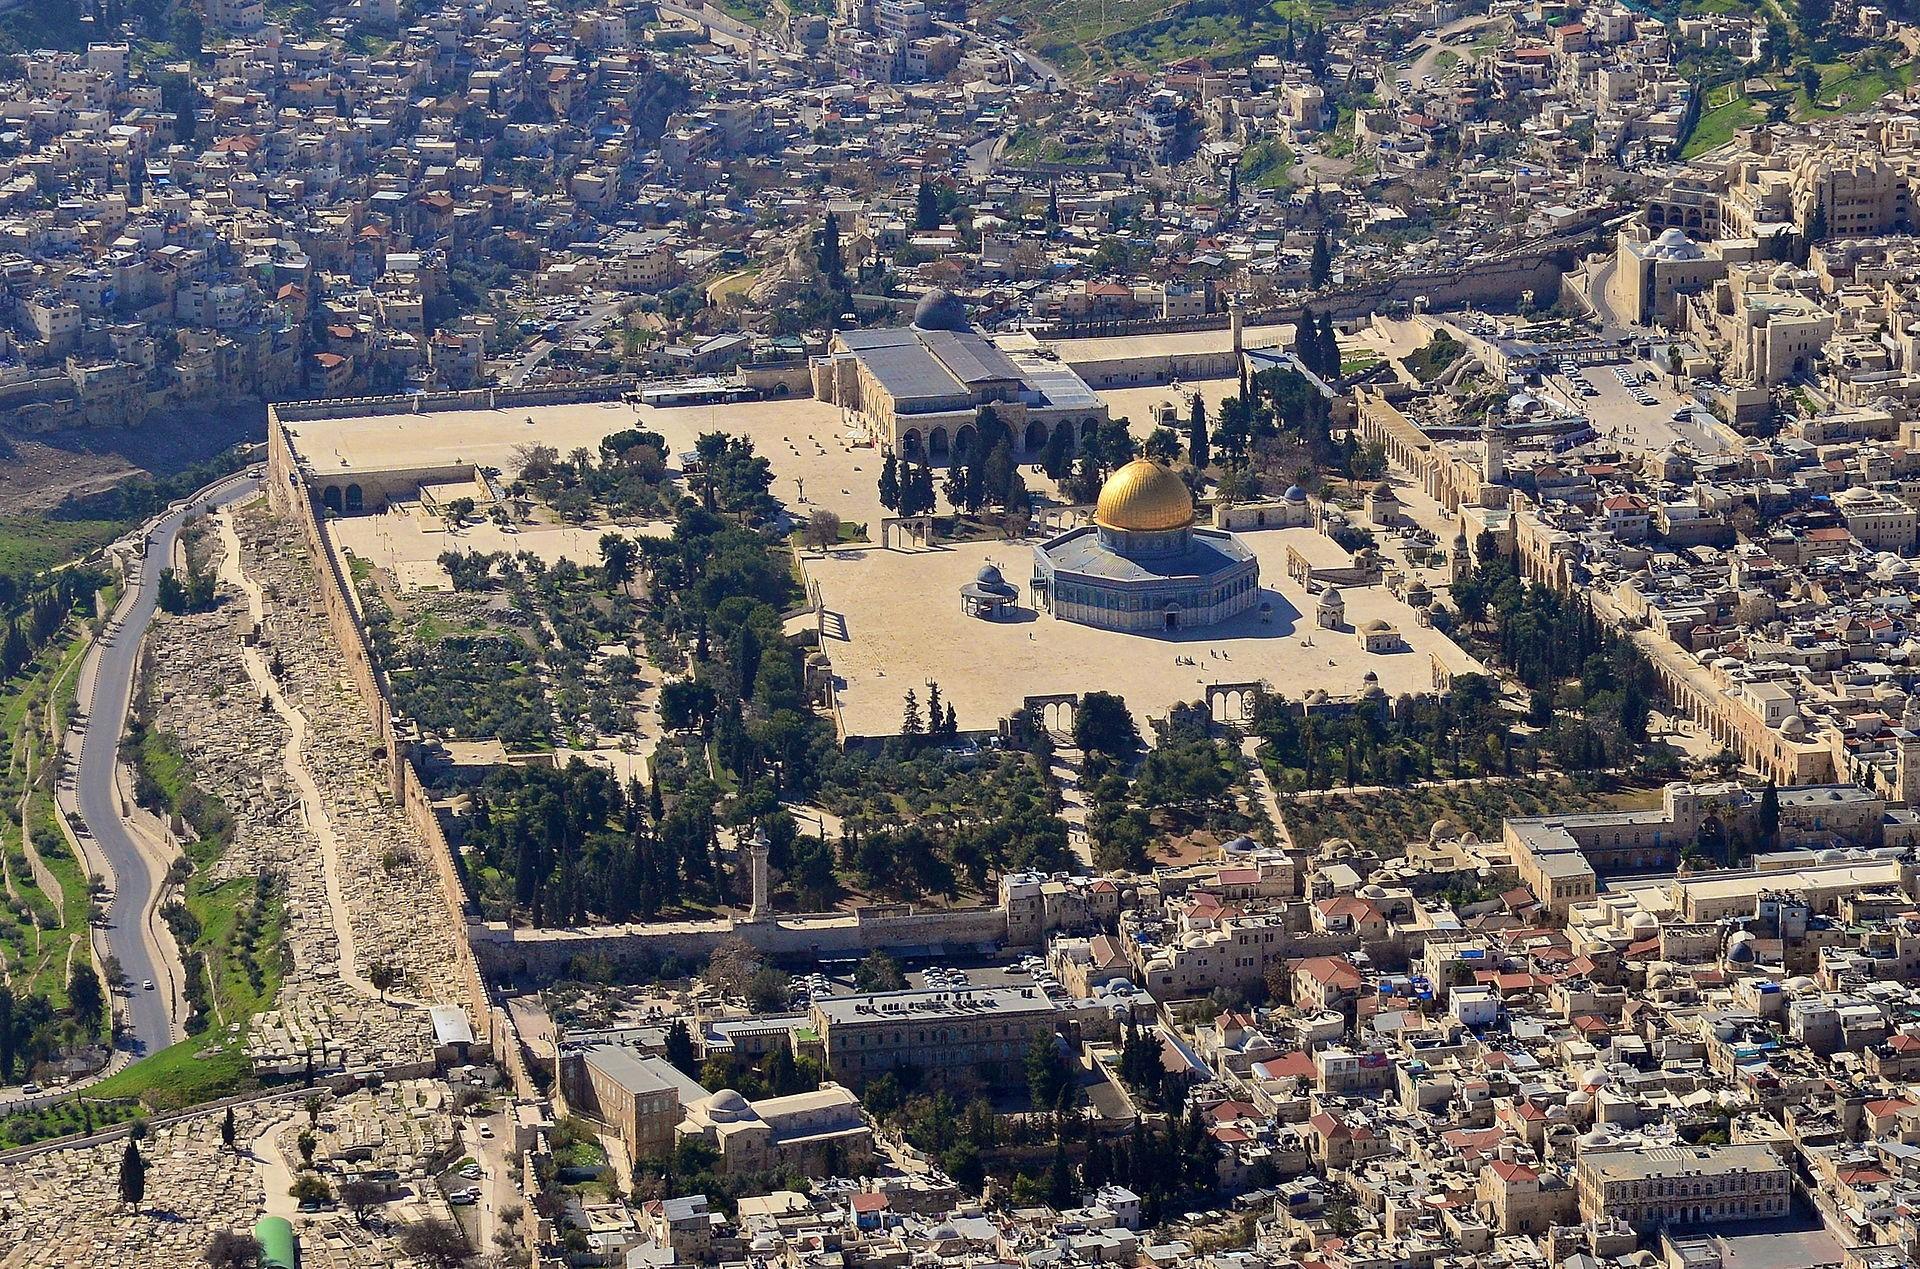 شرطة الاحتلال الإسرائيلي تُنفذ جولة استفزازية داخل المسجد الأقصى المبارك